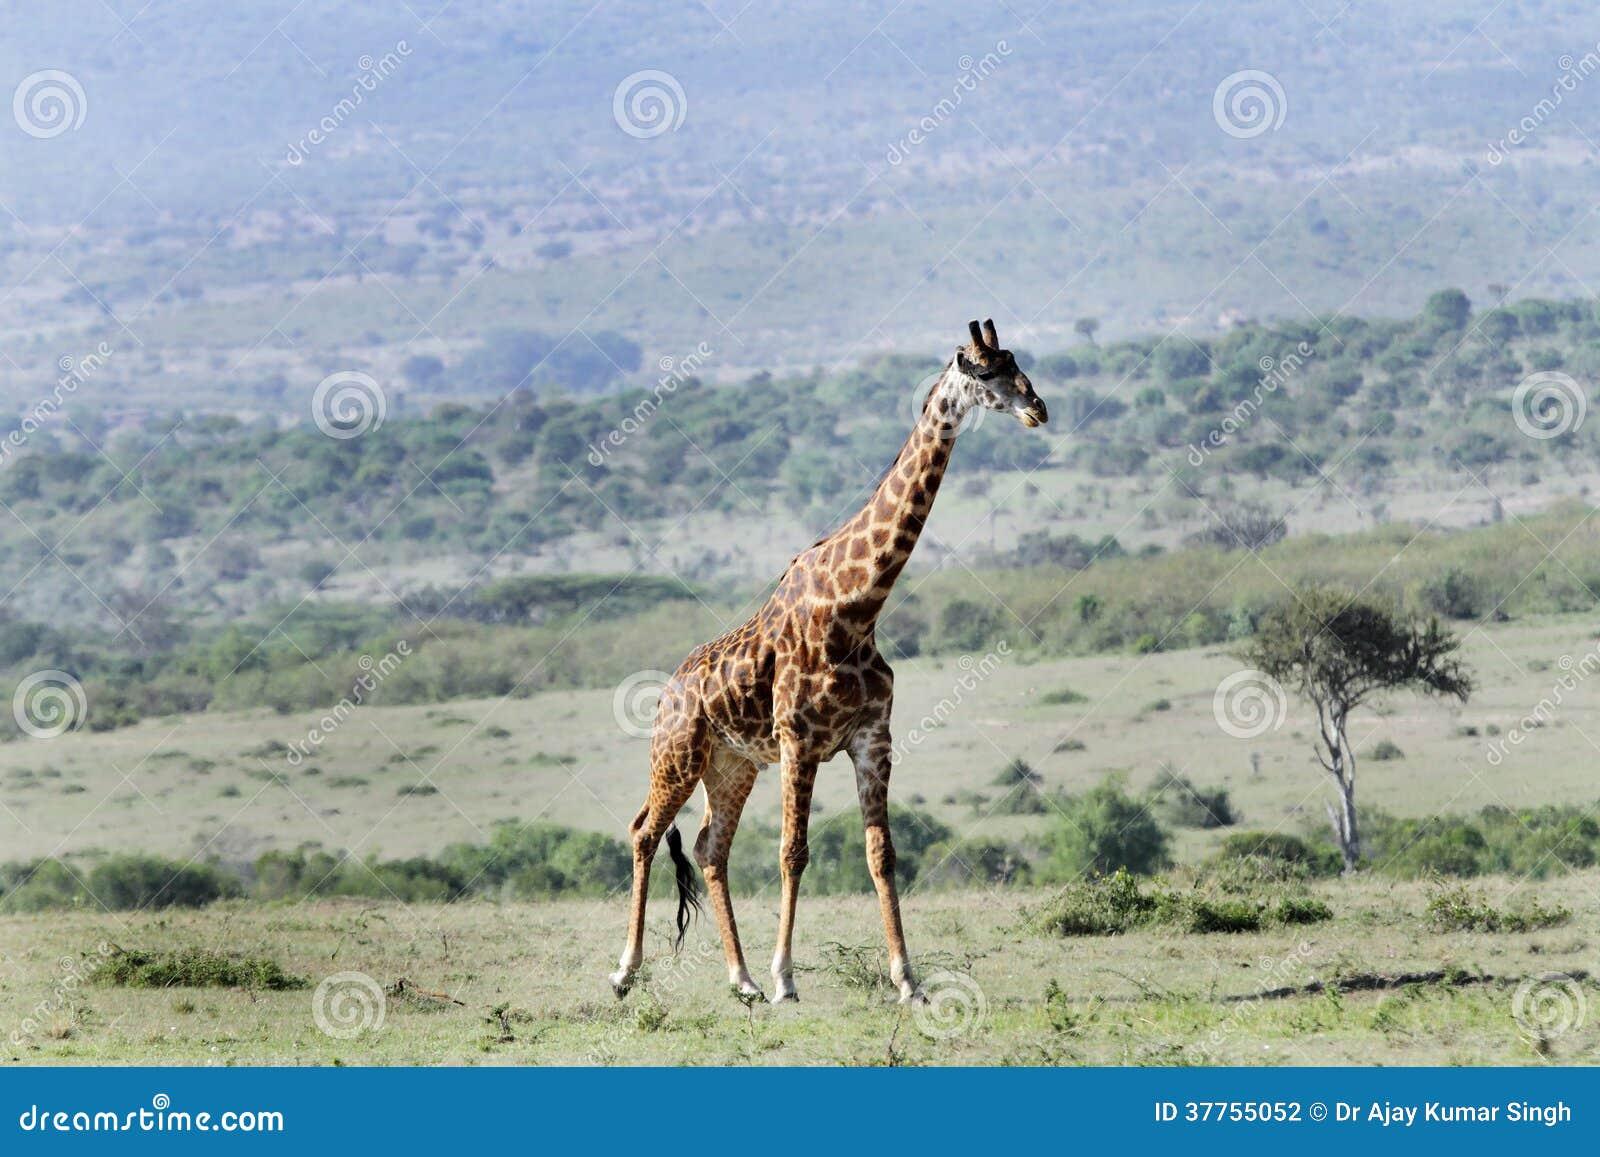 A Beautiful Giraffes And Its Habitat Stock Photo - Image ...